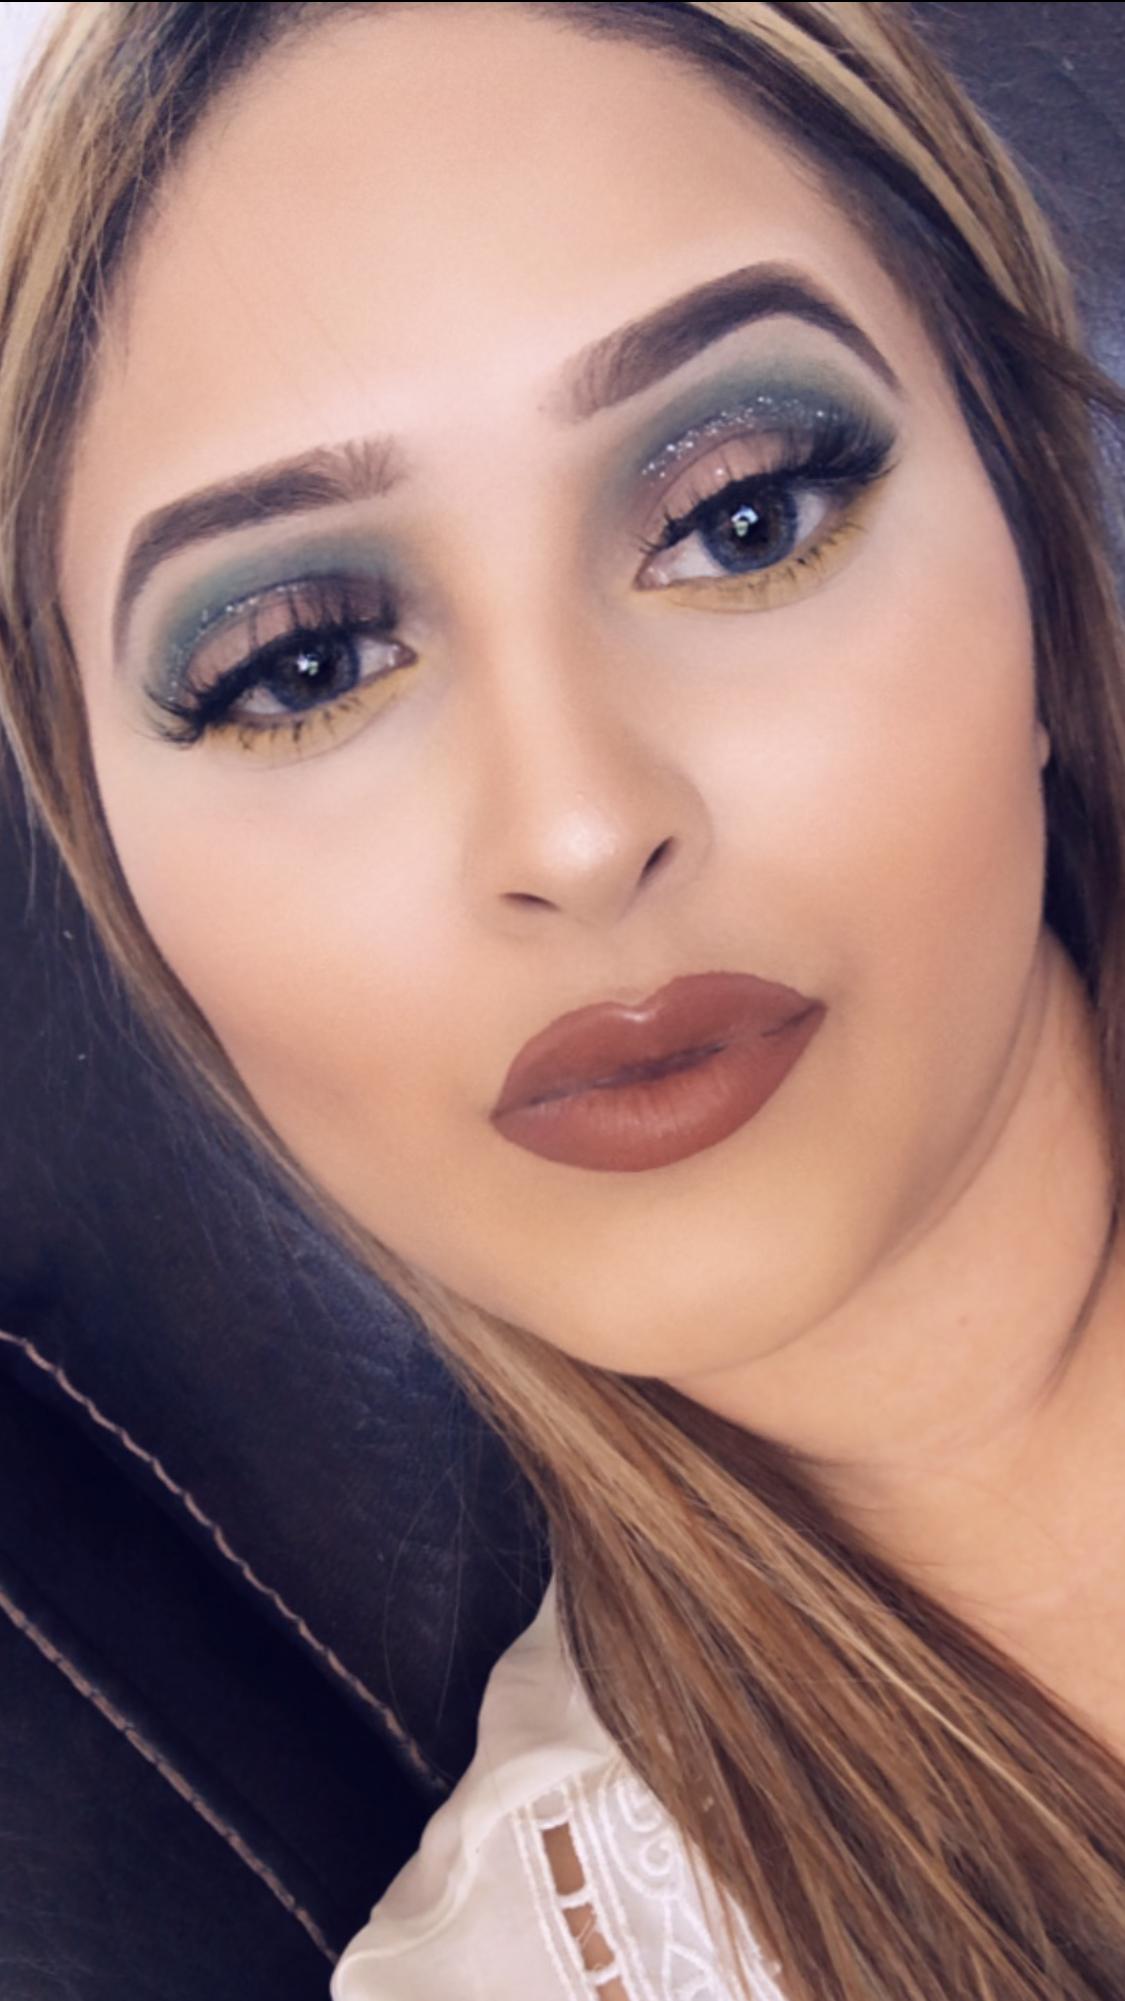 Makeup 💄 Smokey eye makeup, Full face makeup, Makeup